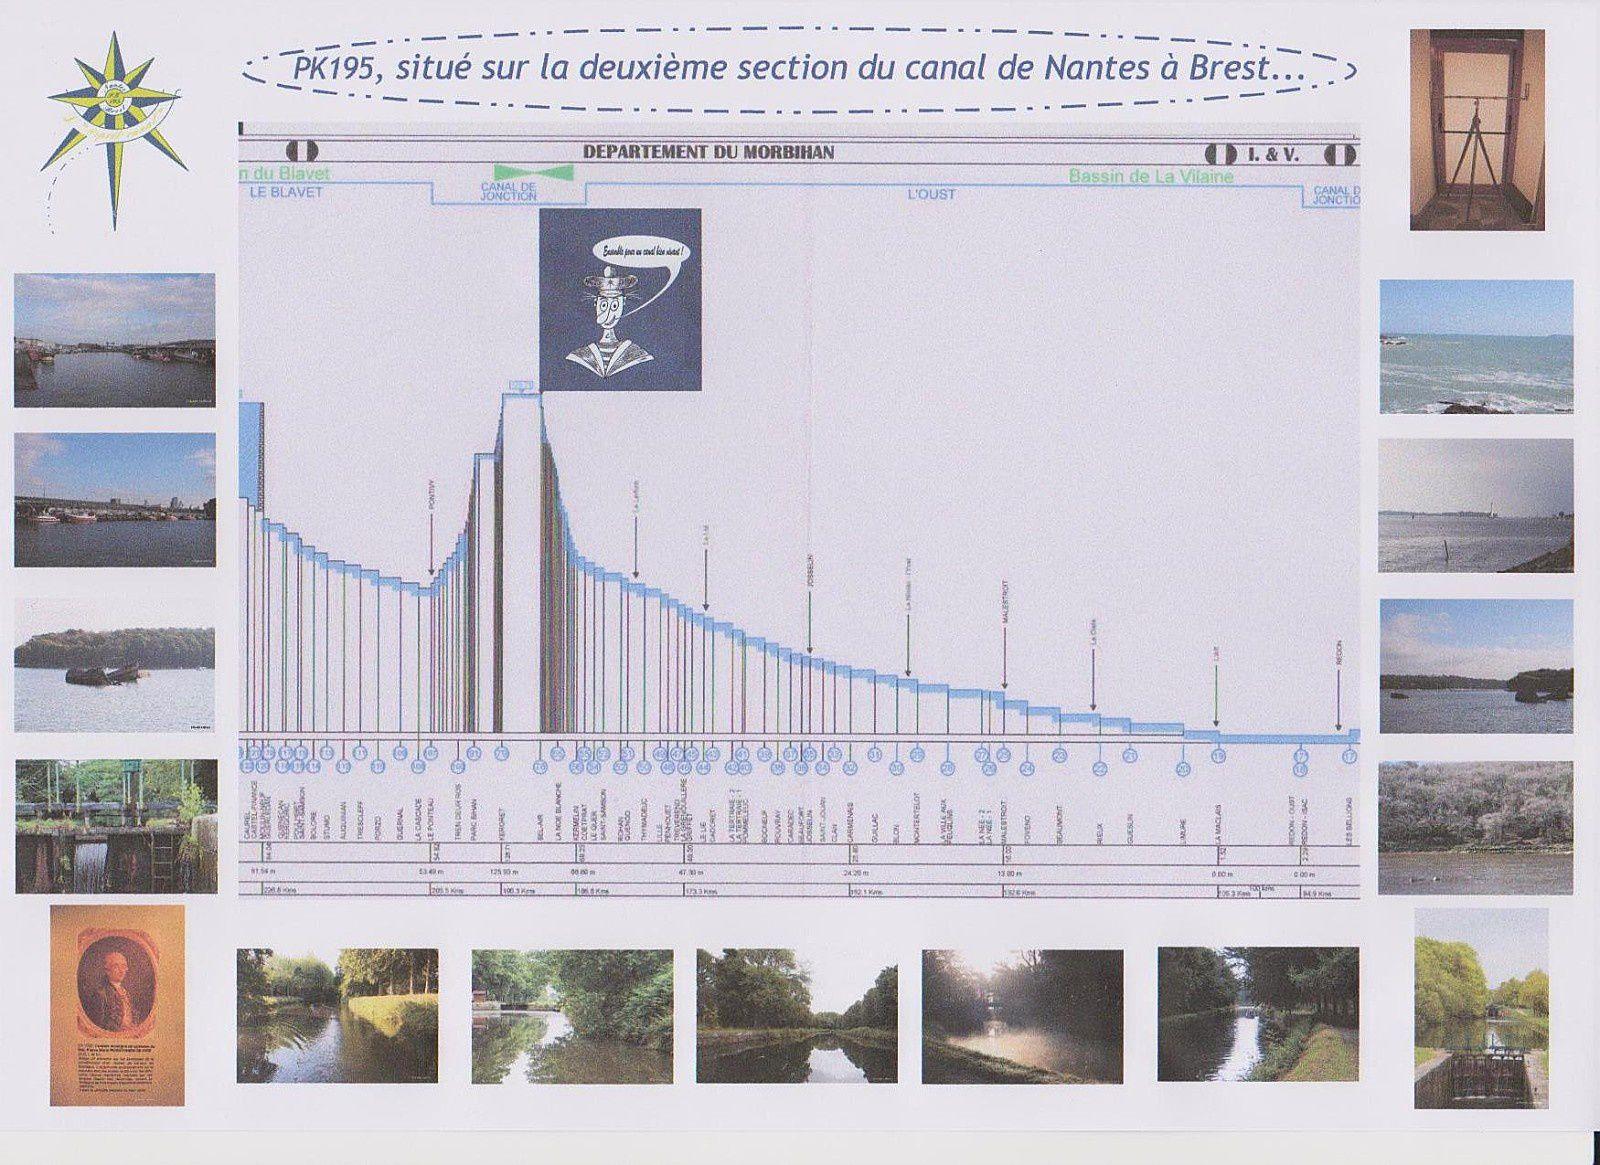 changer les photos pour promouvoir défic sur le 2ème bief de partage du canal de nantes à Brest  !